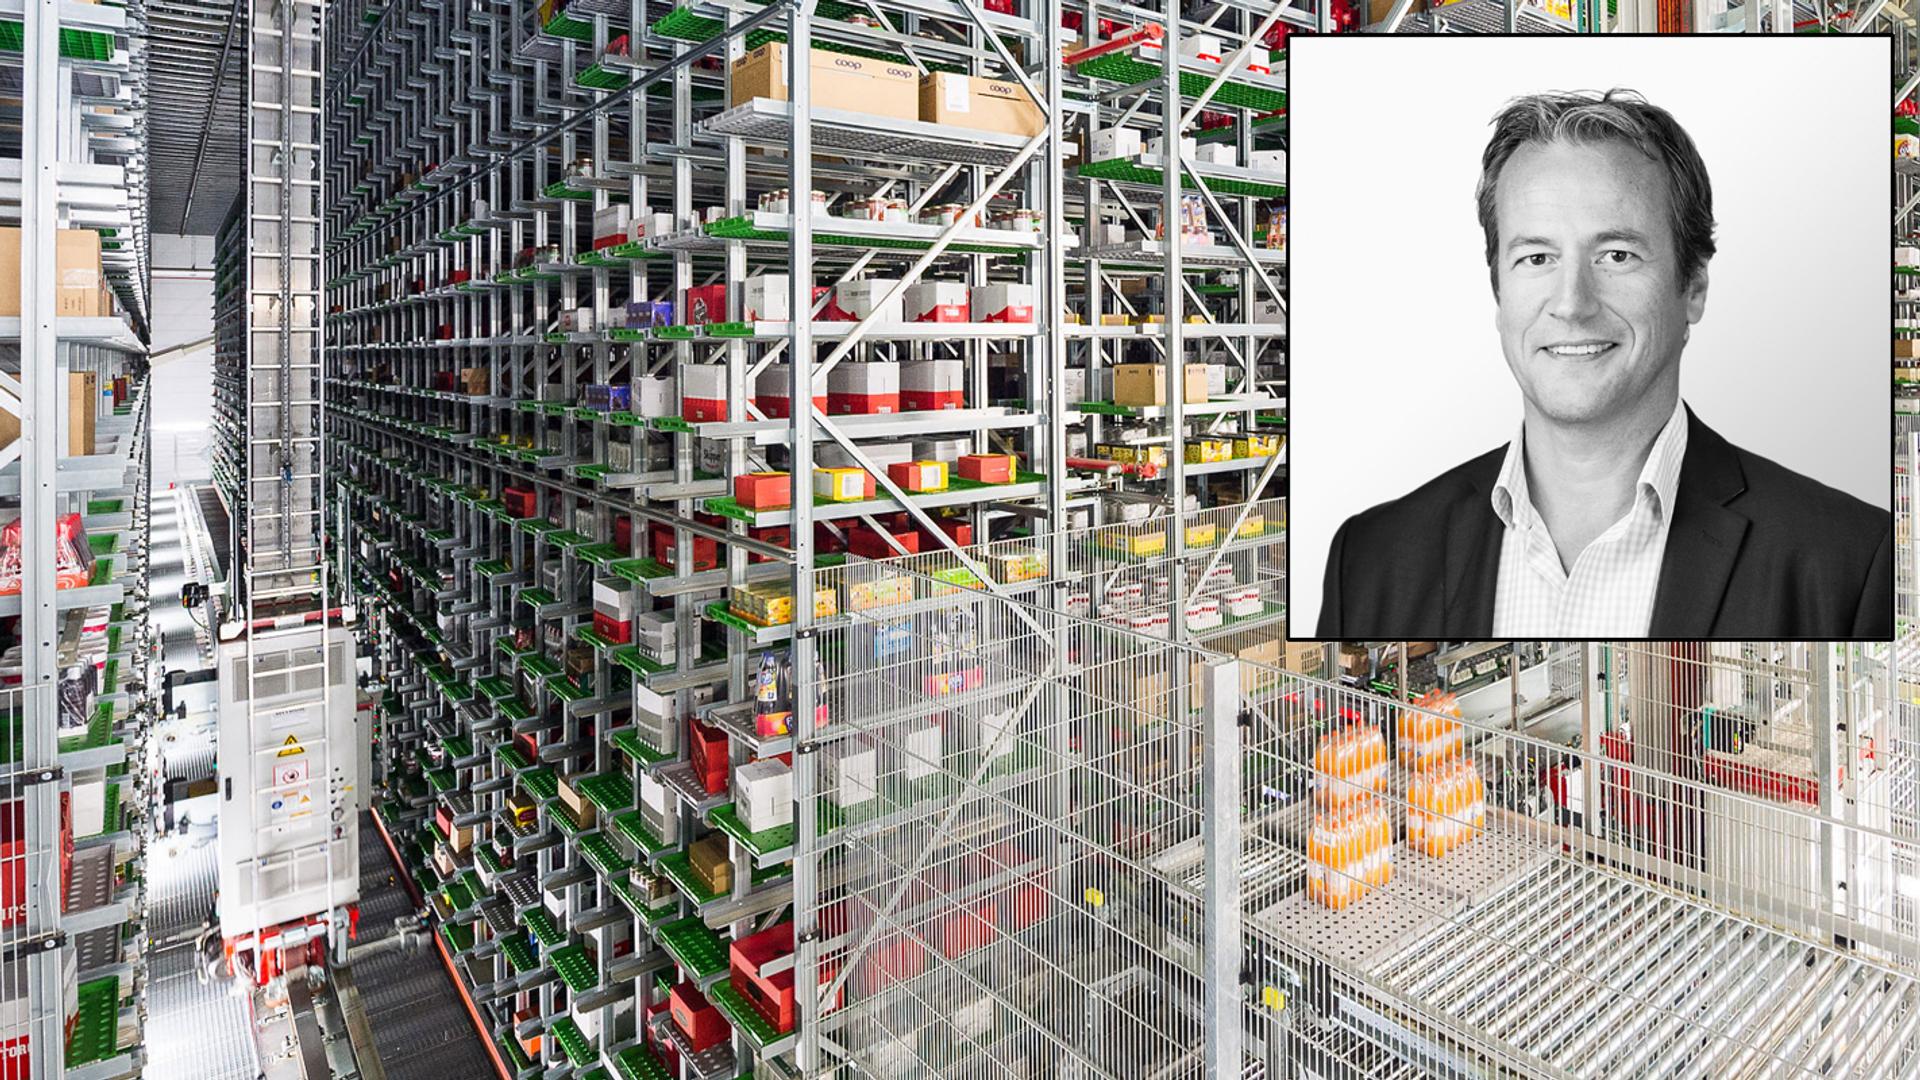 Ny utfordring: Dette lageret er i Møller Eiendoms portefølje, og kan bli neste utfordring for energisparingsprogrammet. Nå er innsatsen som driftsdirektør Øyvind Hartveit satte i gang kandidat til LOS Energy Awards.